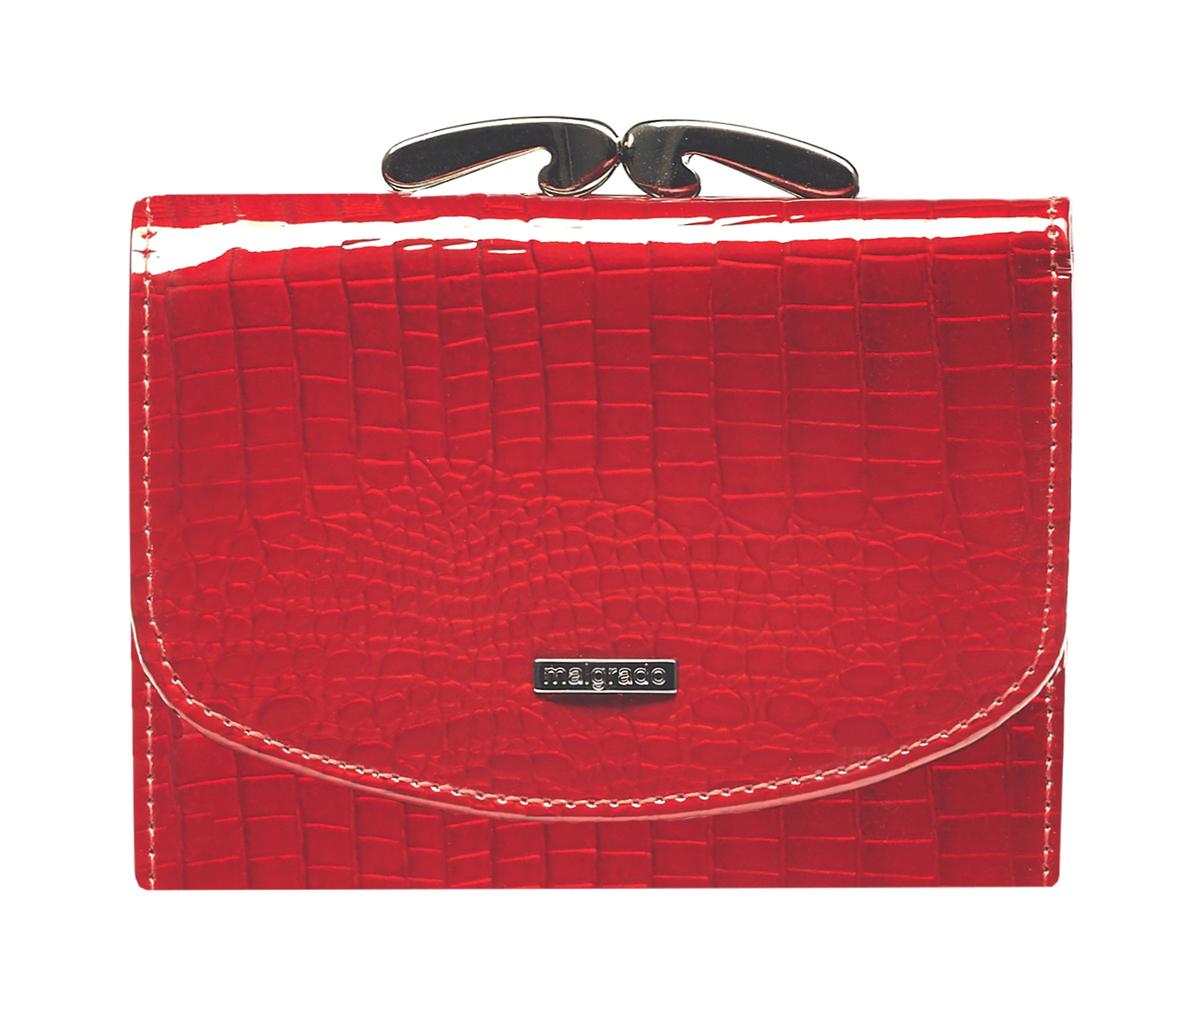 Кошелек женский Malgrado, цвет: красный. 43022-44BM8434-58AEСтильный кошелек Malgrado изготовлен из натуральной кожи красного цвета высшего качества. Внутри два глубоких кармана для купюр, один карман на молнии, два кармашка для визиток, один пластиковый кармашек для фото, два небольших кармашка для разных мелочей, один небольшой кармашек на молнии и карман на кнопке для мелочи. Сзади расположен карман на рамочном замке. Кошелек закрывается на кнопку. Кошелек упакован в коробку из плотного картона с логотипом фирмы. Такой кошелек станет замечательным подарком человеку, ценящему качественные и практичные вещи. Характеристики:Материал: натуральная кожа, текстиль, металл. Размер кошелька: 11 см х 9 см х 2,5 см. Цвет: красный. Размер упаковки: 12,5 см х 11 см х 3,5 см. Артикул: 43022-44.